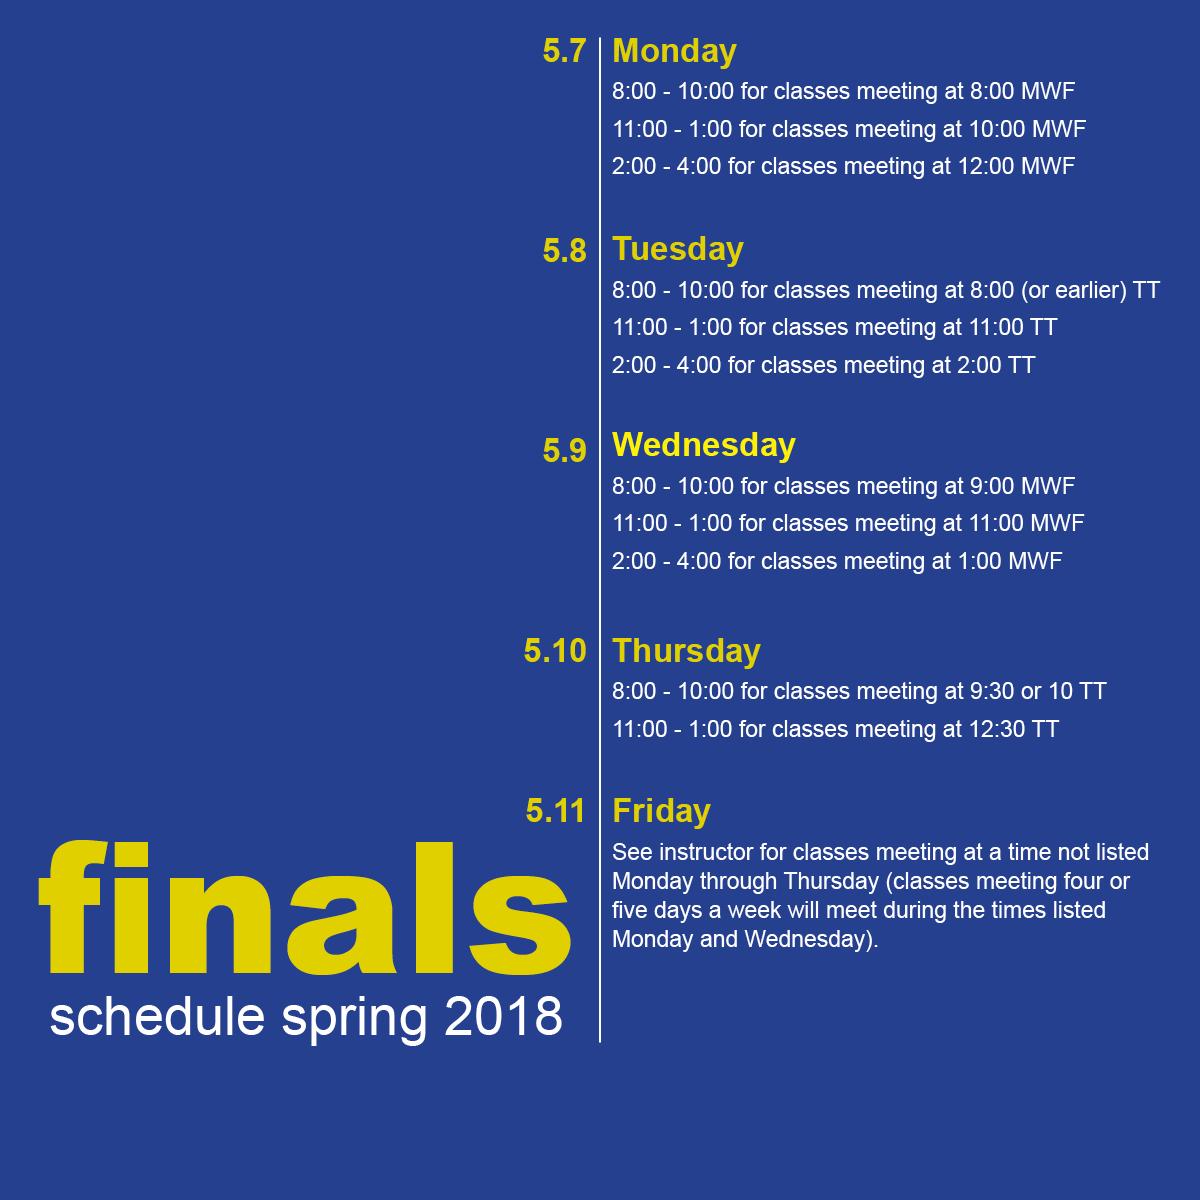 Spring 2018 Finals schedule.